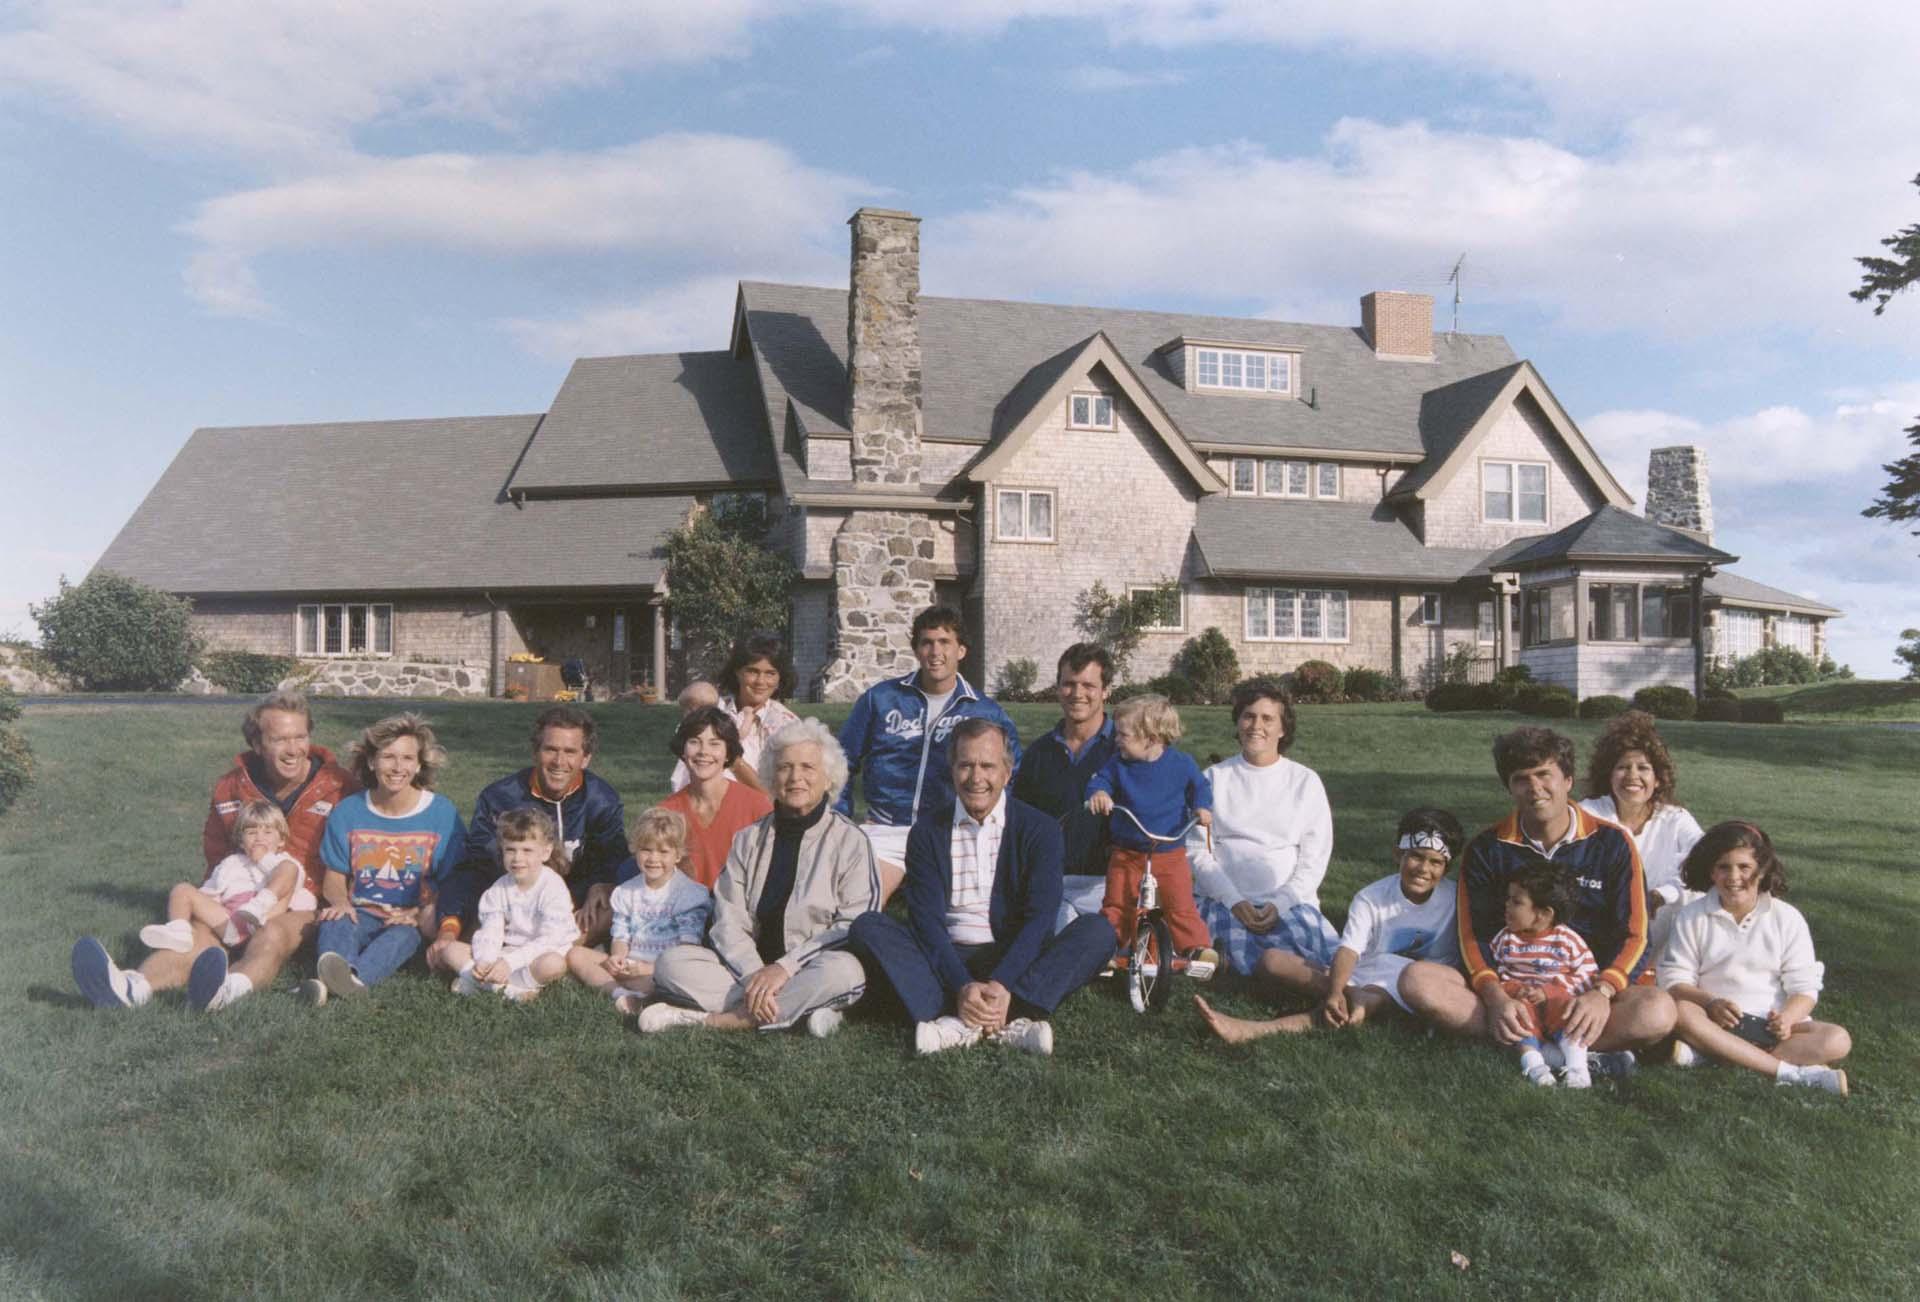 Retrato frente a su hogar en Kennebunkport, Maine, en 1986 junto a su hijos Marvin, Neil, George W., Dorothy y George P., sus nueras, el yerno y sus nietos